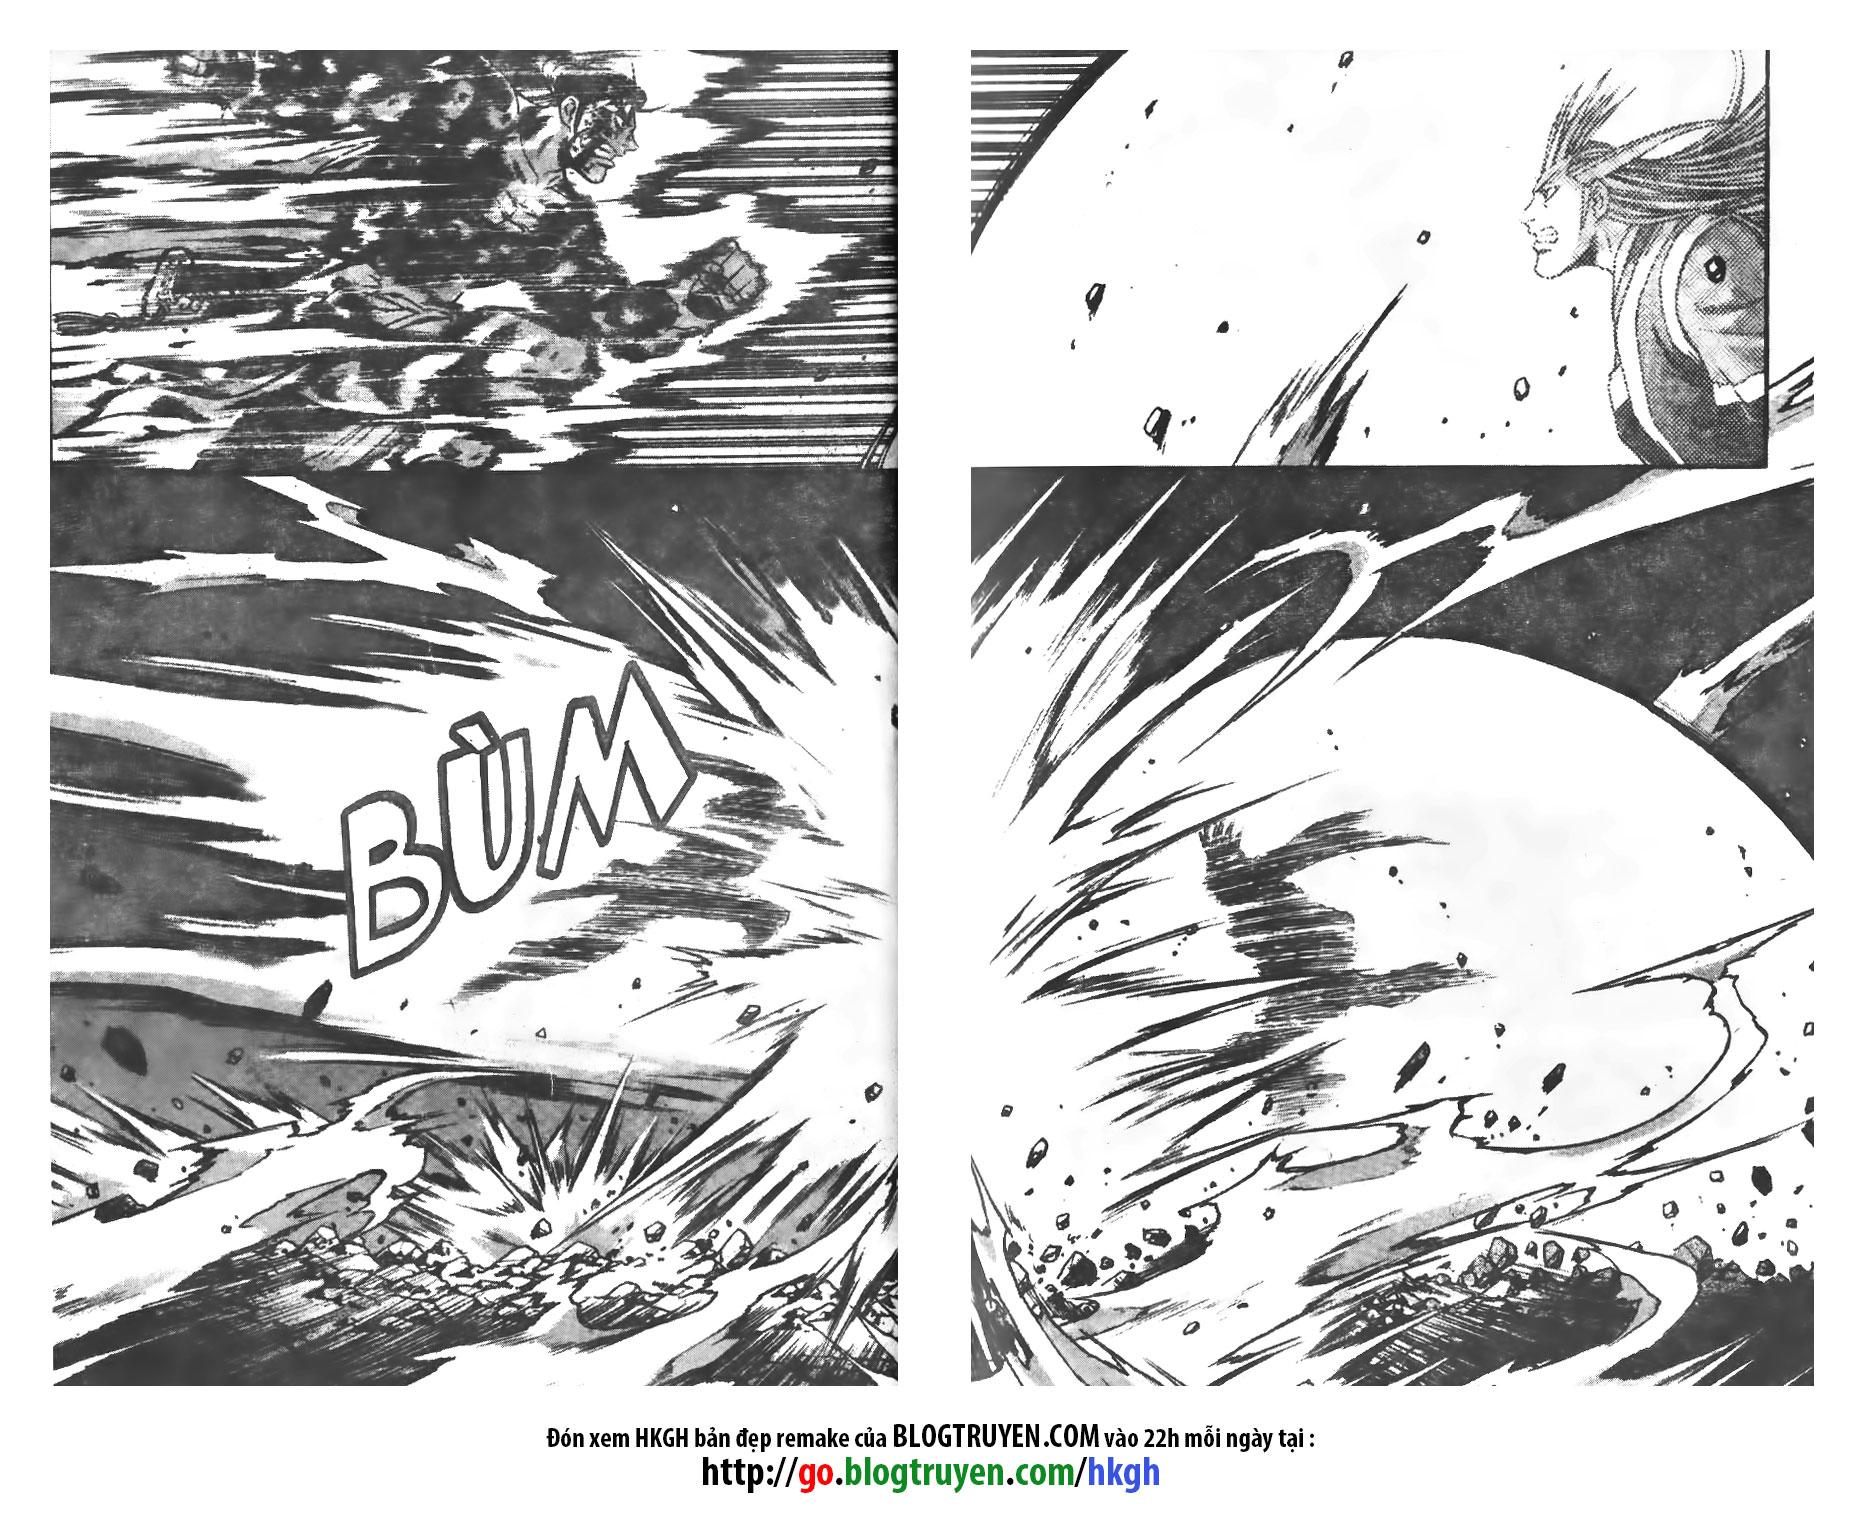 xem truyen moi - Hiệp Khách Giang Hồ Vol33 - Chap 224 - Remake